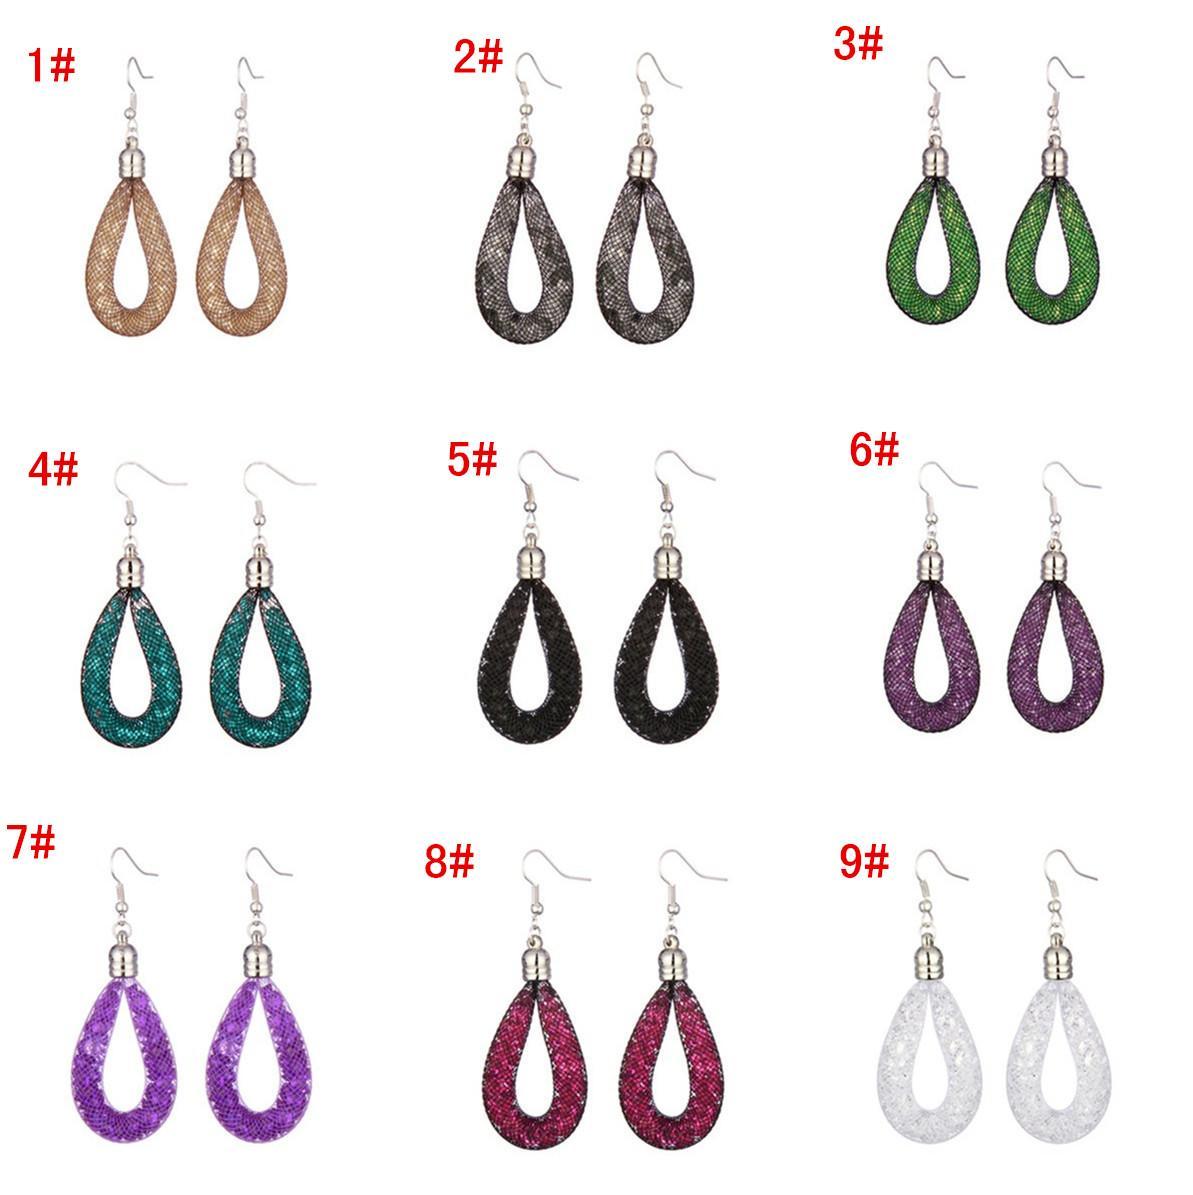 2017 new style earrings stardust water drop earring